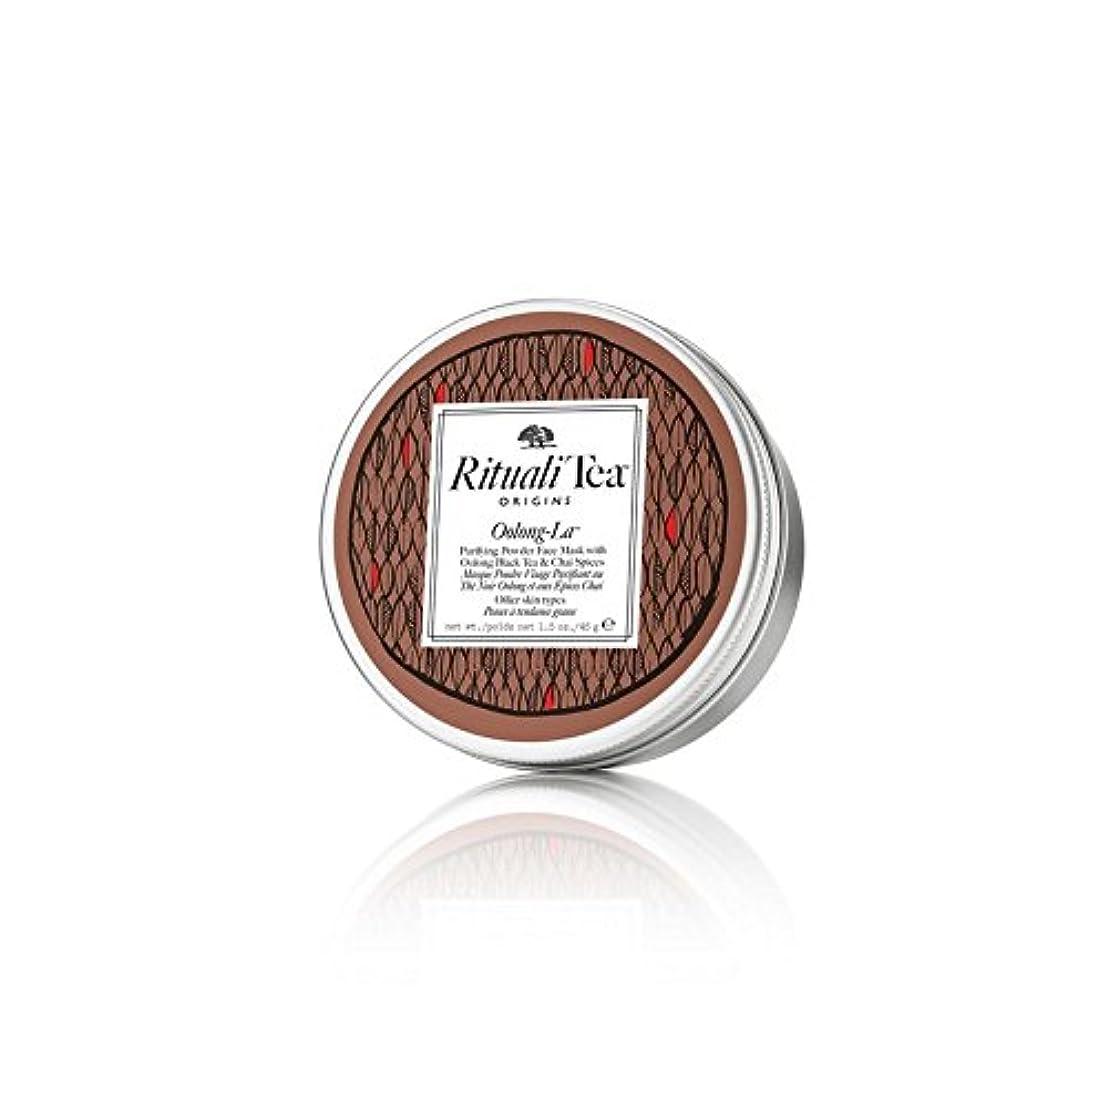 効率オートつばOrigins Powdered Tea Face Mask Oolong-La 45g - 起源抹茶フェイスマスク烏龍茶ラ45グラム [並行輸入品]